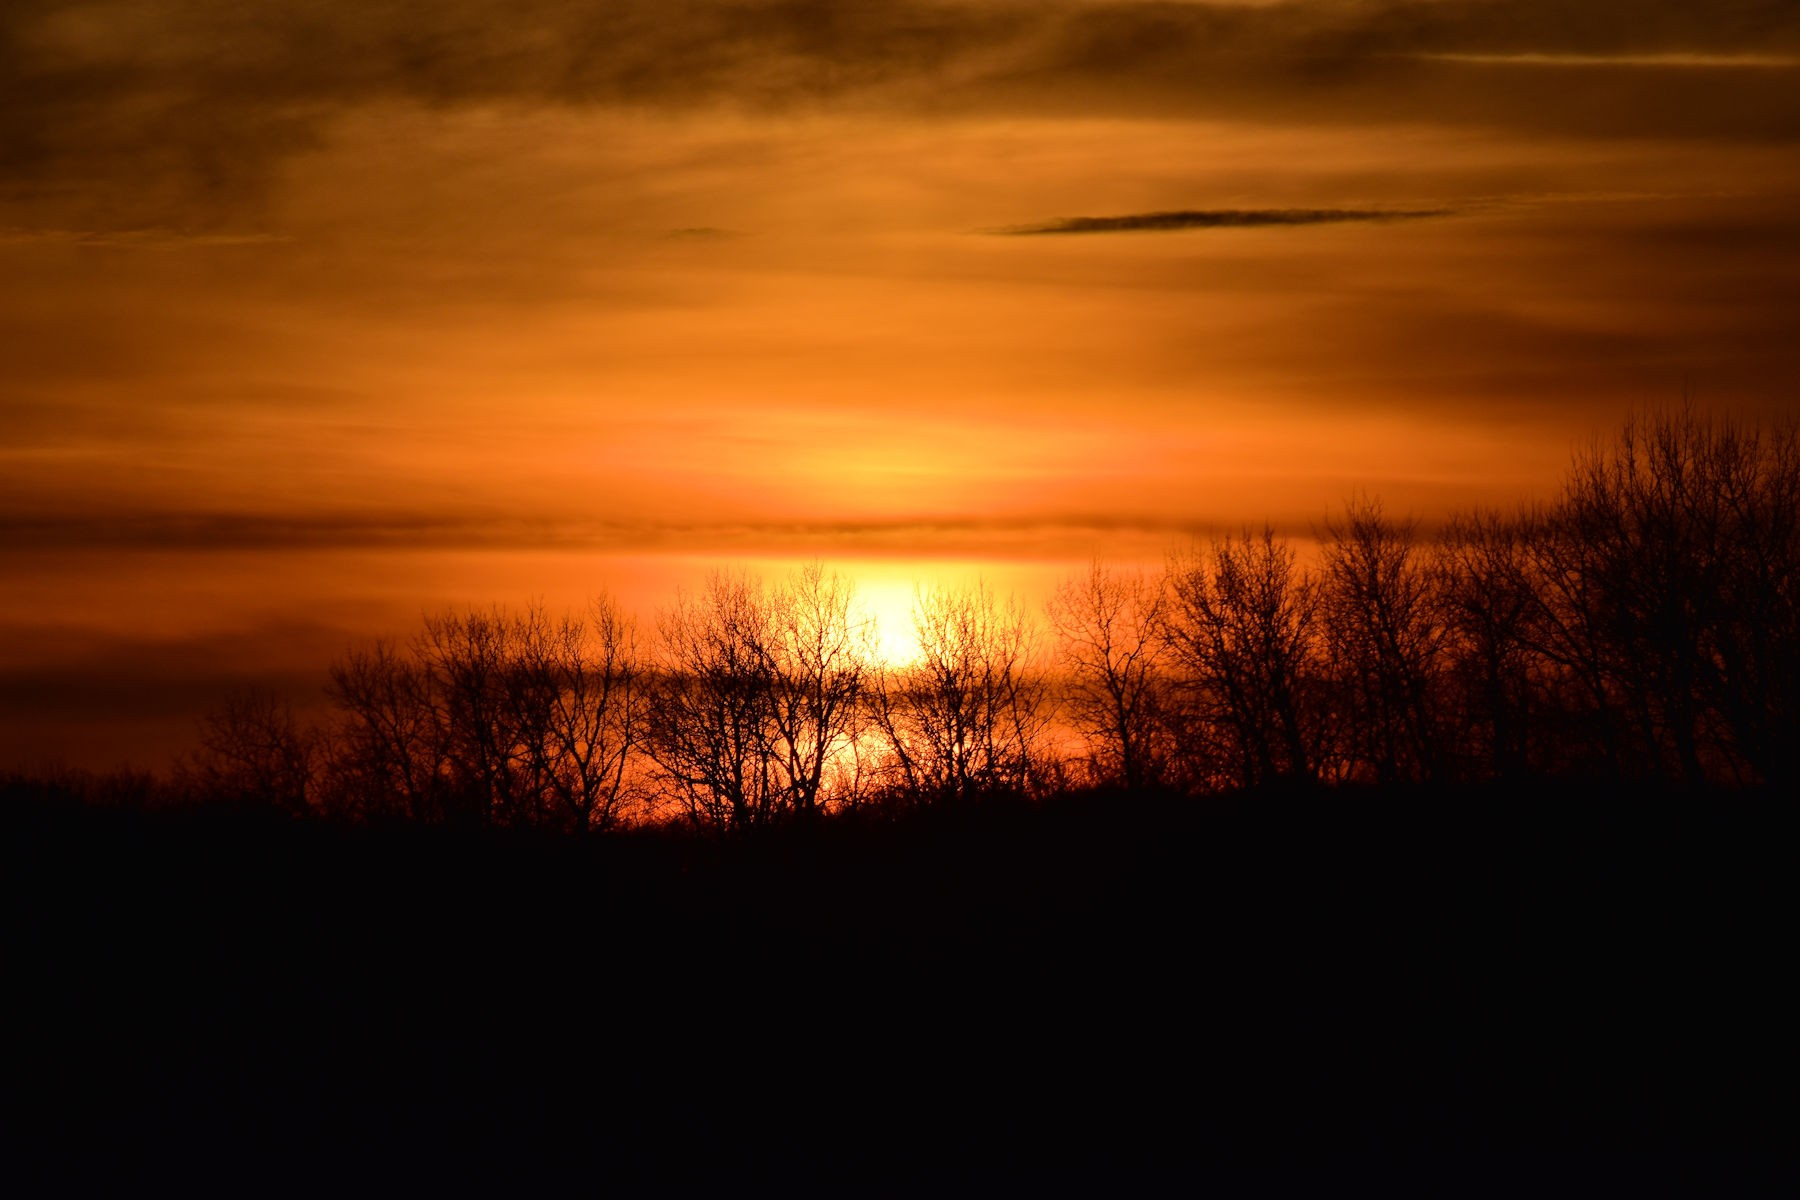 sunsetDSC_0538.jpg